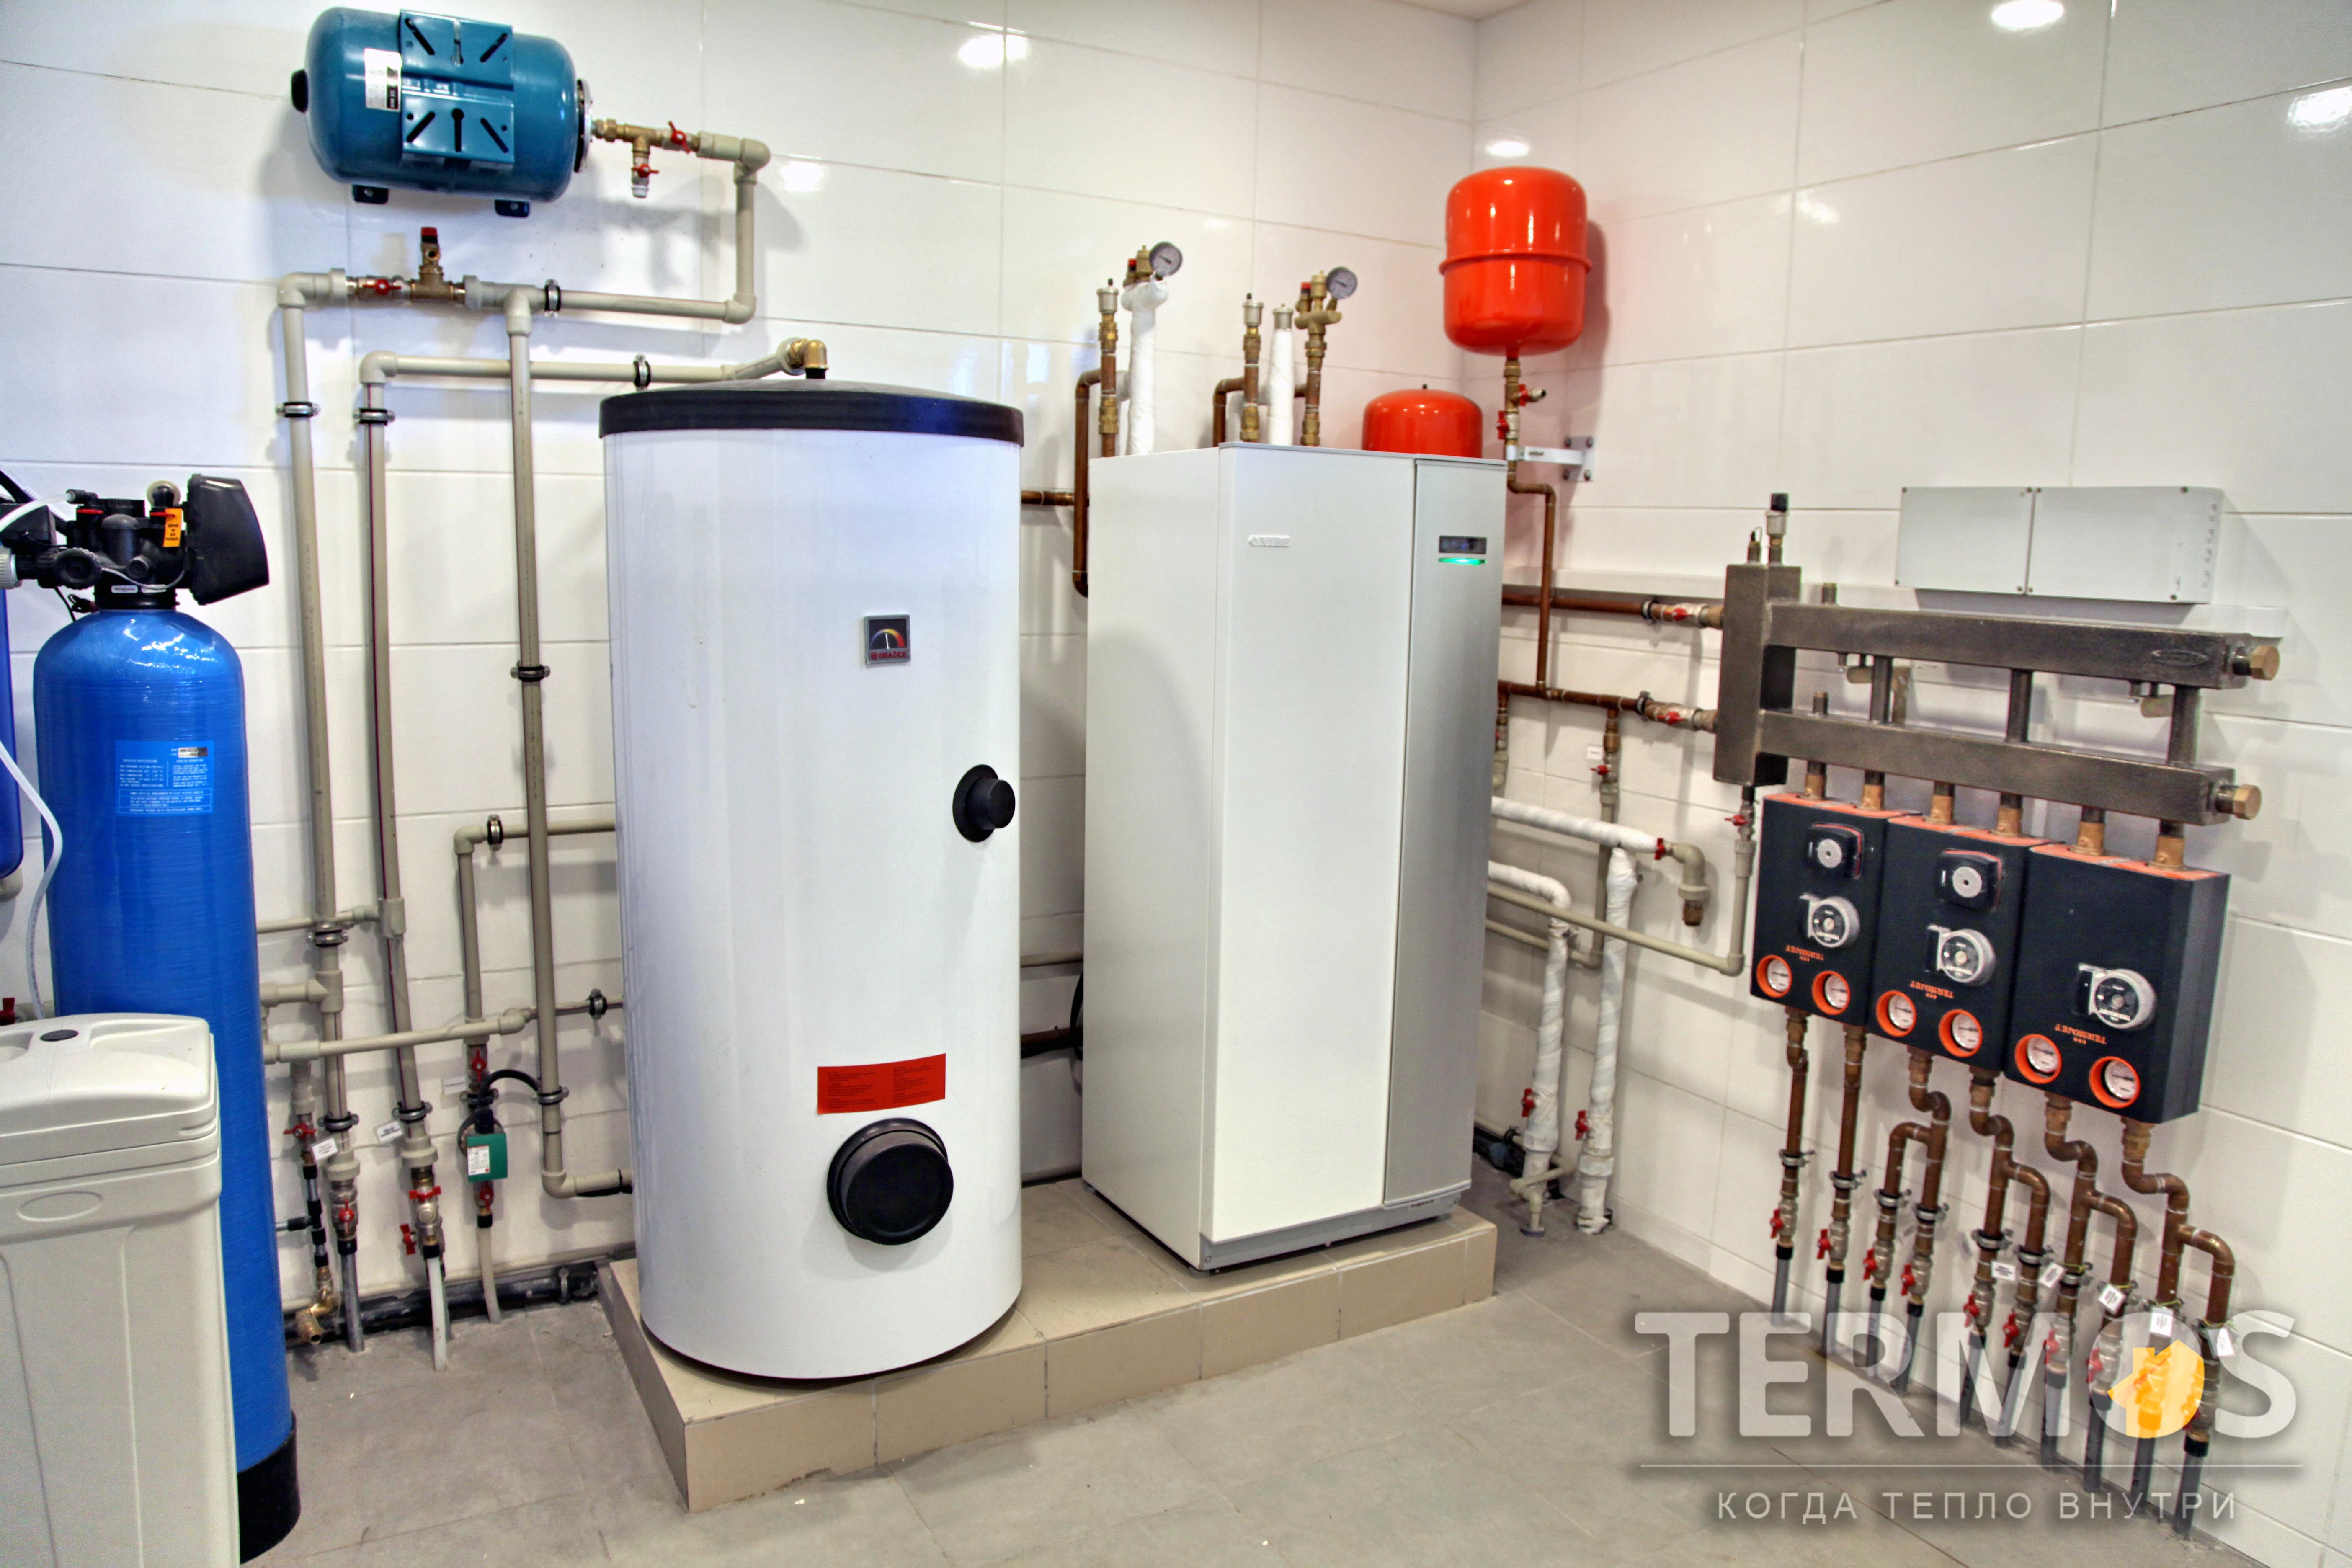 Приготовление горячей воды производится в специализированном бойлере косвенного нагрева емкостью 300 л